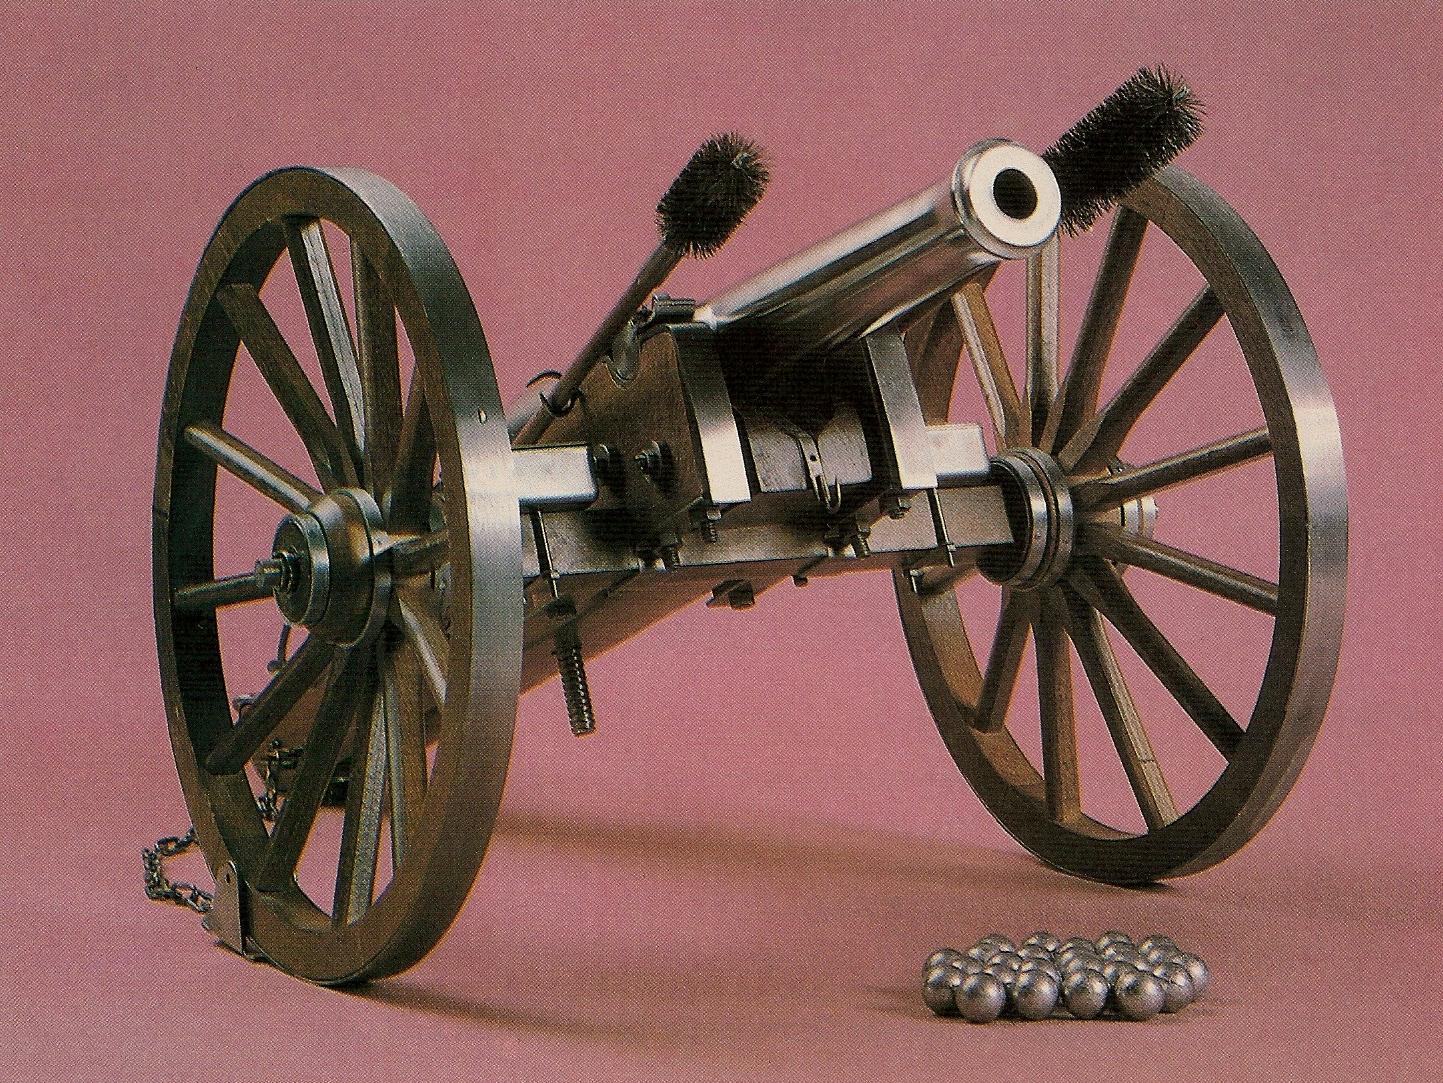 Le canon « Napoléon III » proposé en kit ou monté par la firme espagnole Dikar/Macris, devenue par la suite Ardesa, est une réplique dotée d'un tube massif usiné dans un bloc d'acier et de très belles roues cerclées.